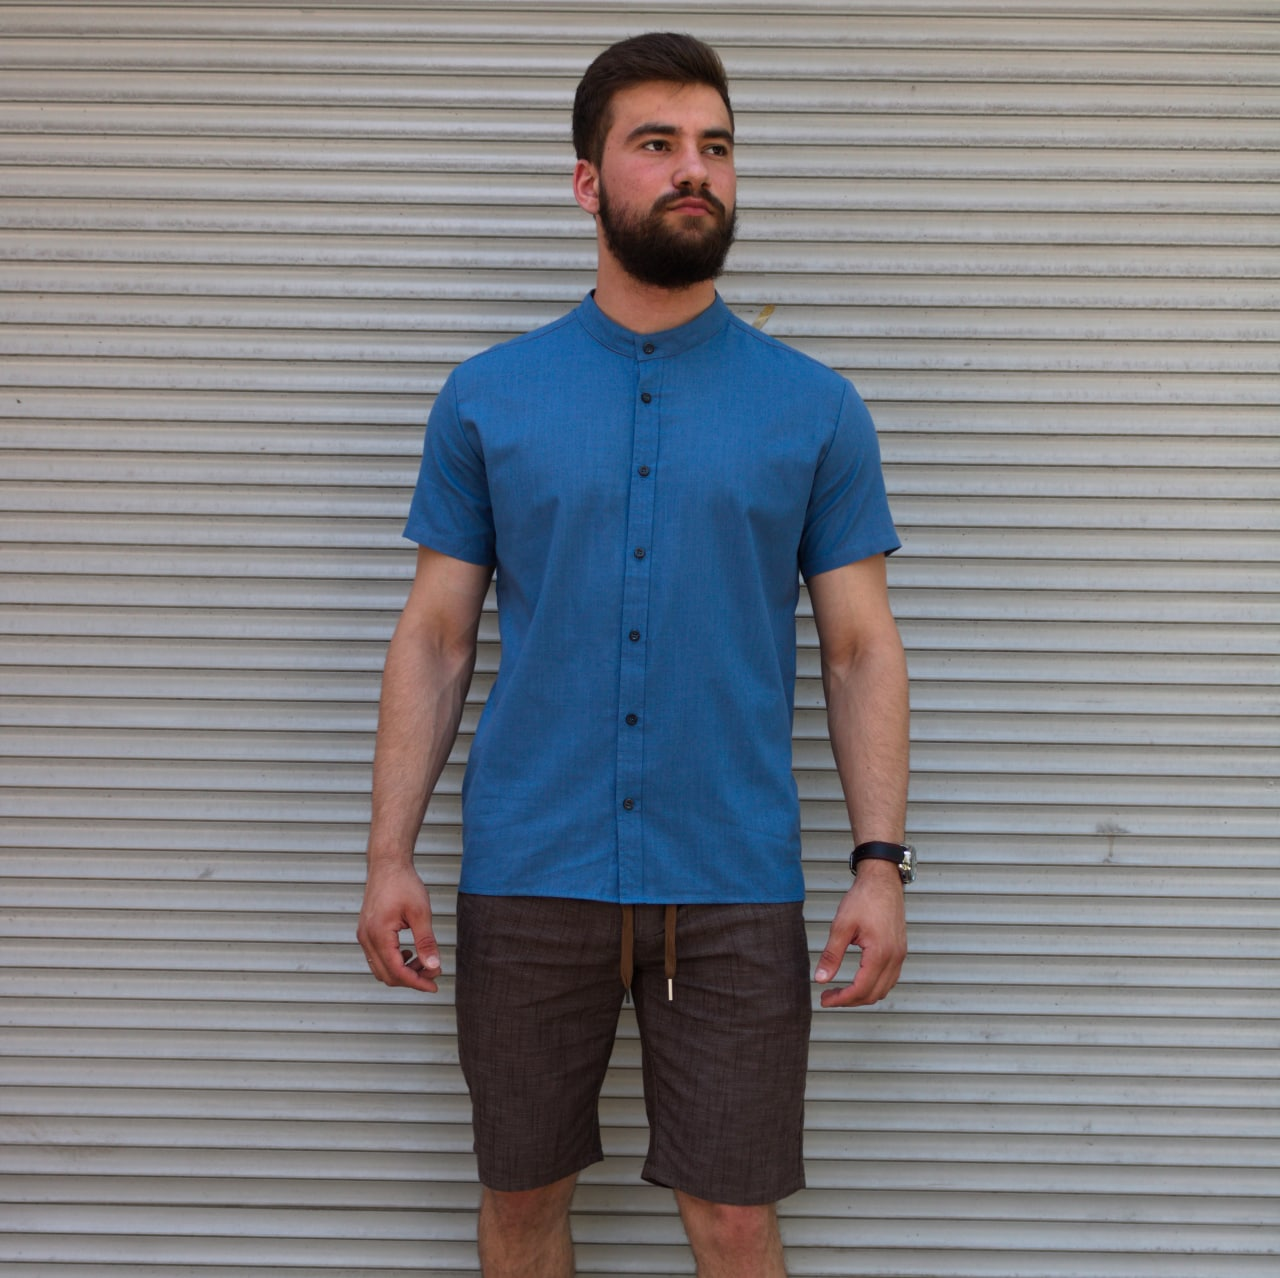 Лляна сорочка синього кольору з коротким рукавом   100% льон